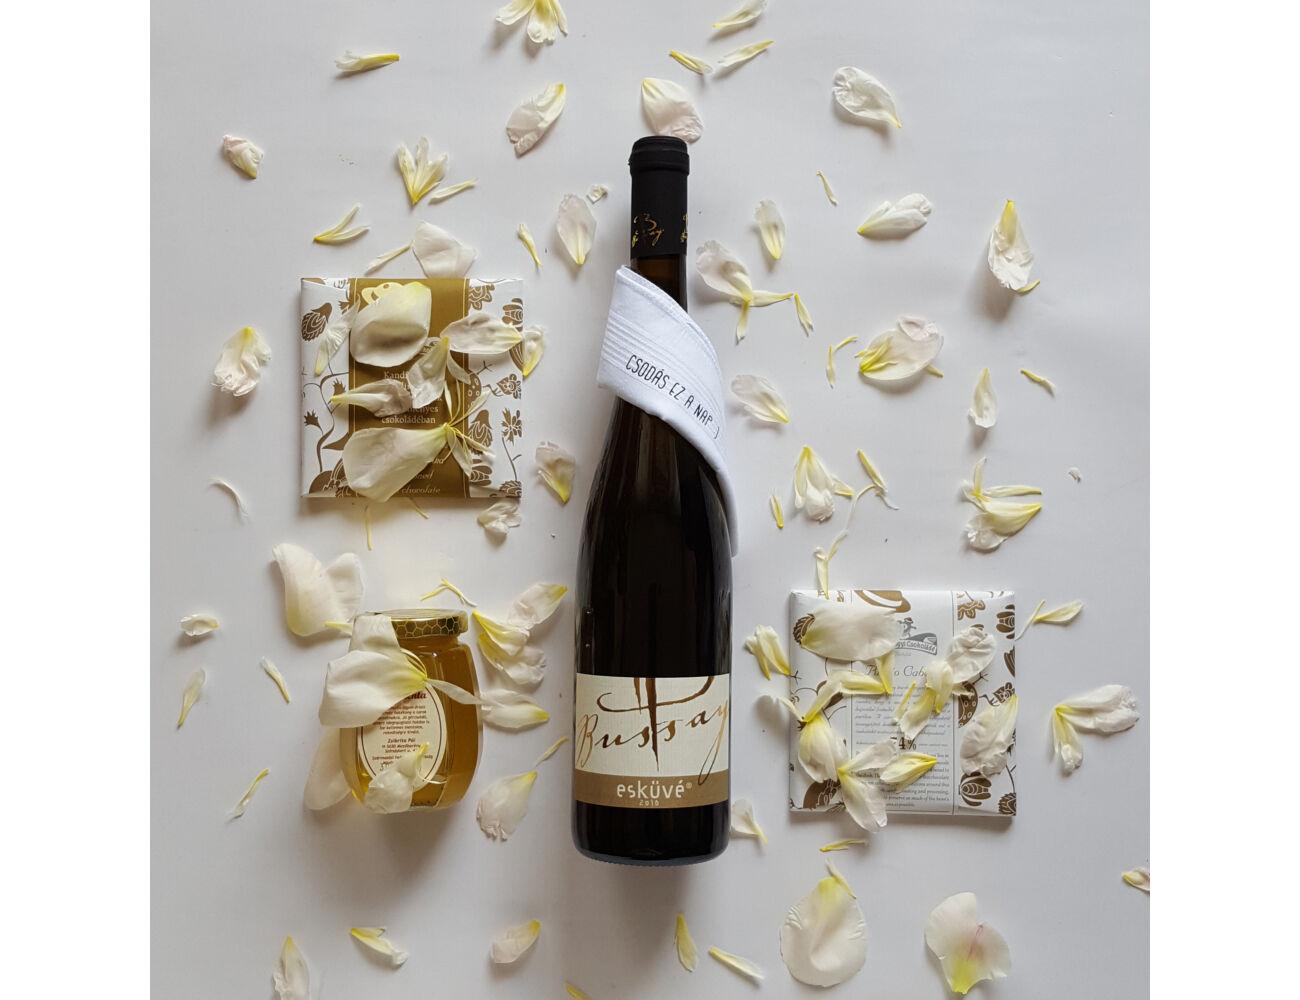 Nászajándék aranyban - bor, csokik, méz